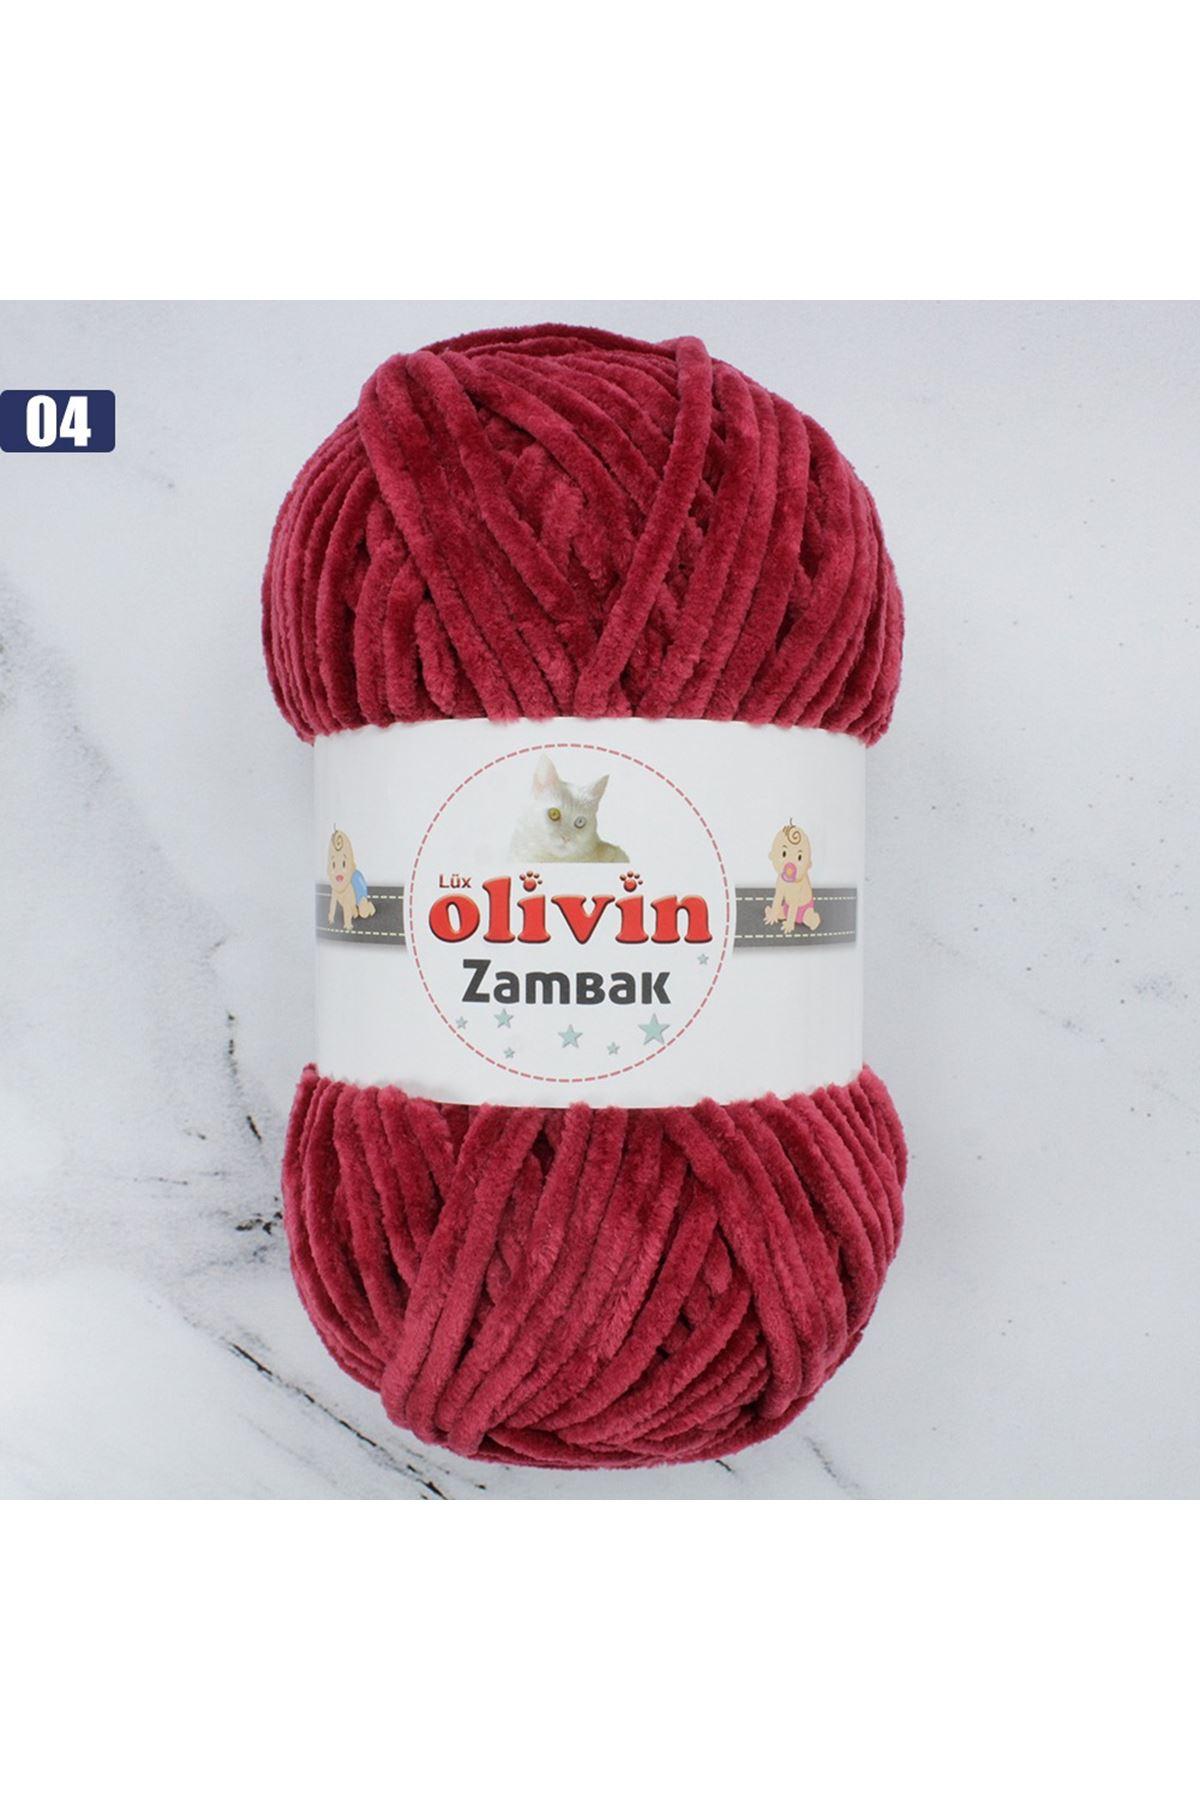 Olivin Zambak 04